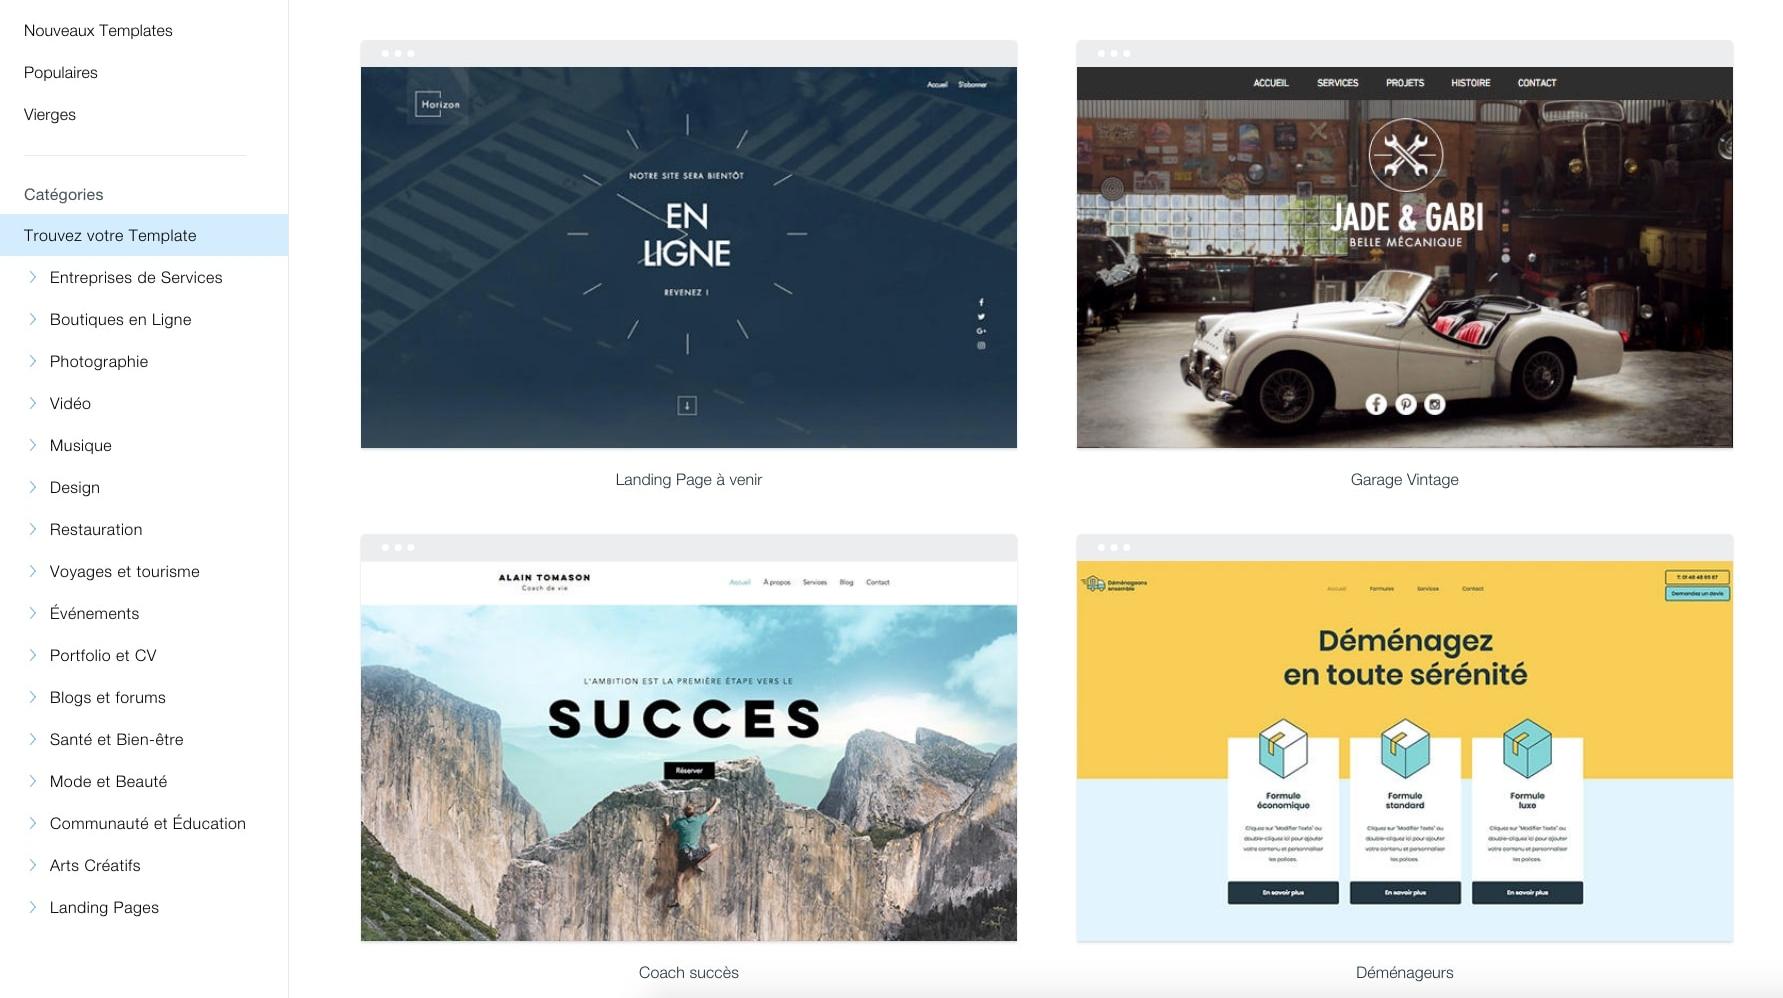 Voici 9 étapes simples pour créer votre site web Wix en 2020 (avec des images)